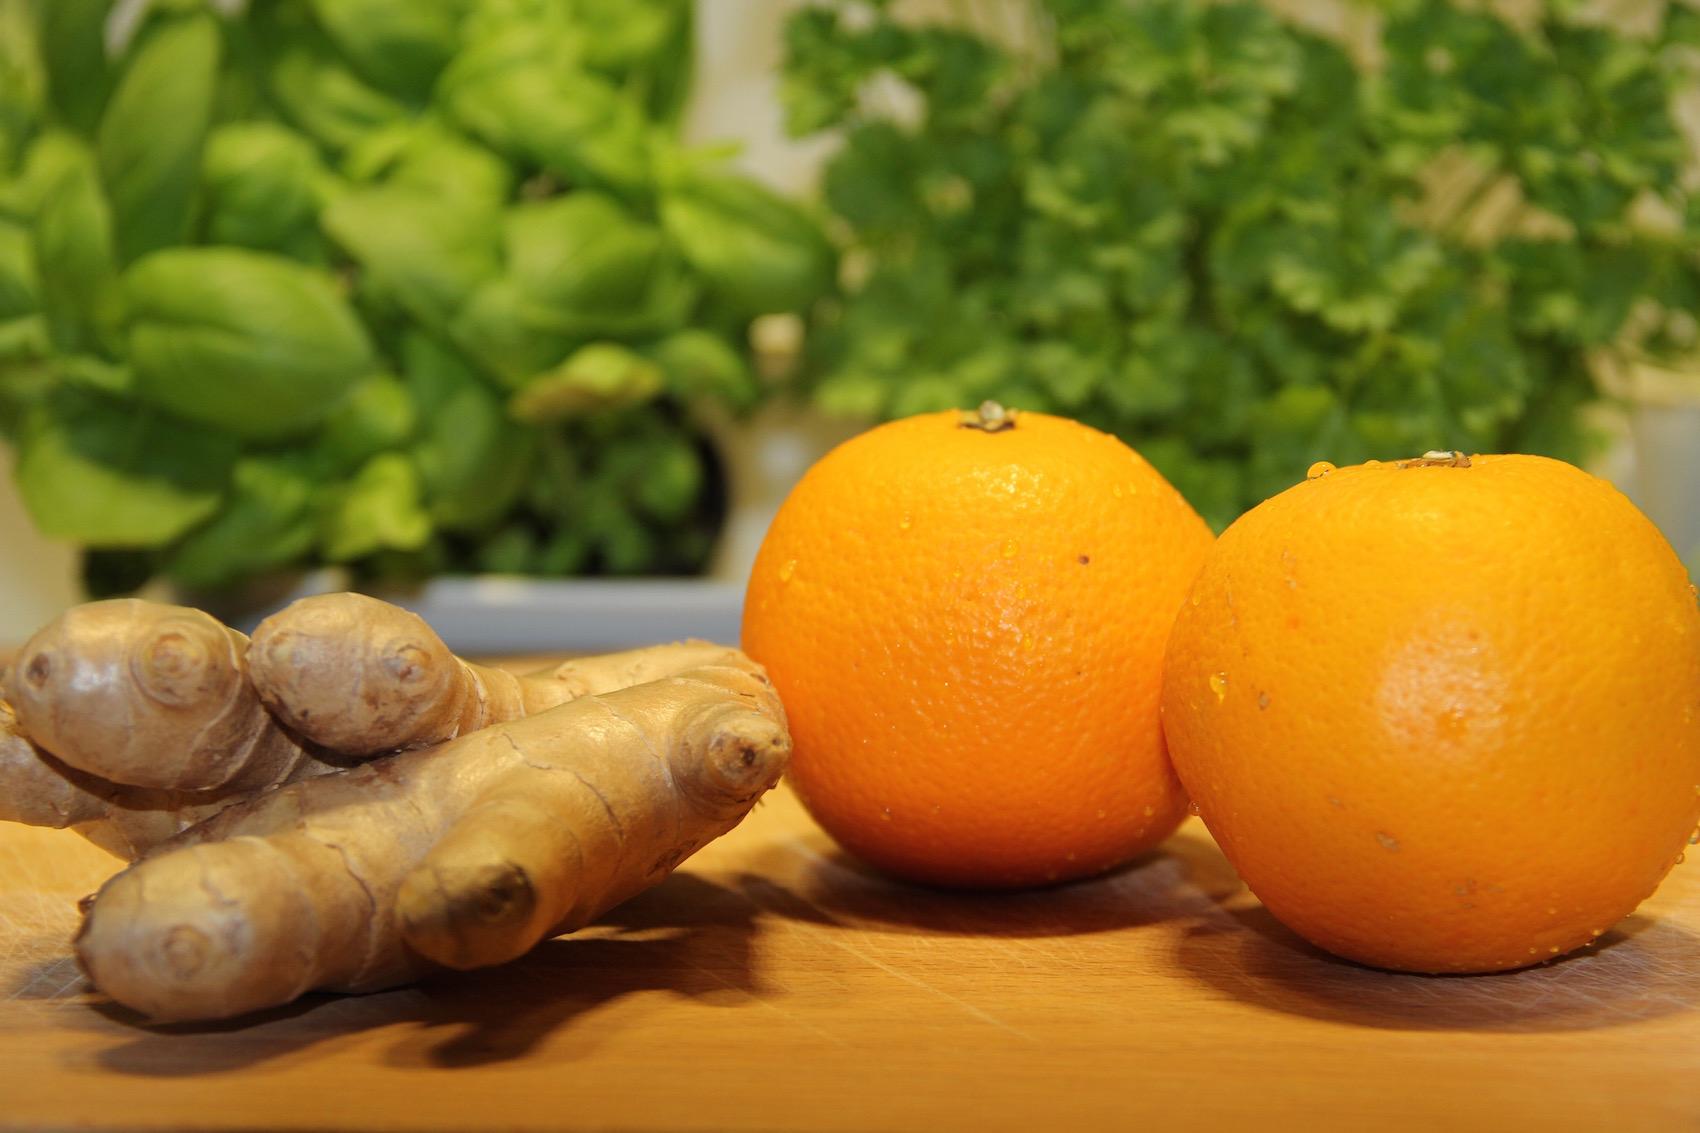 Ingwer und Orangen auf einem Holzbrett